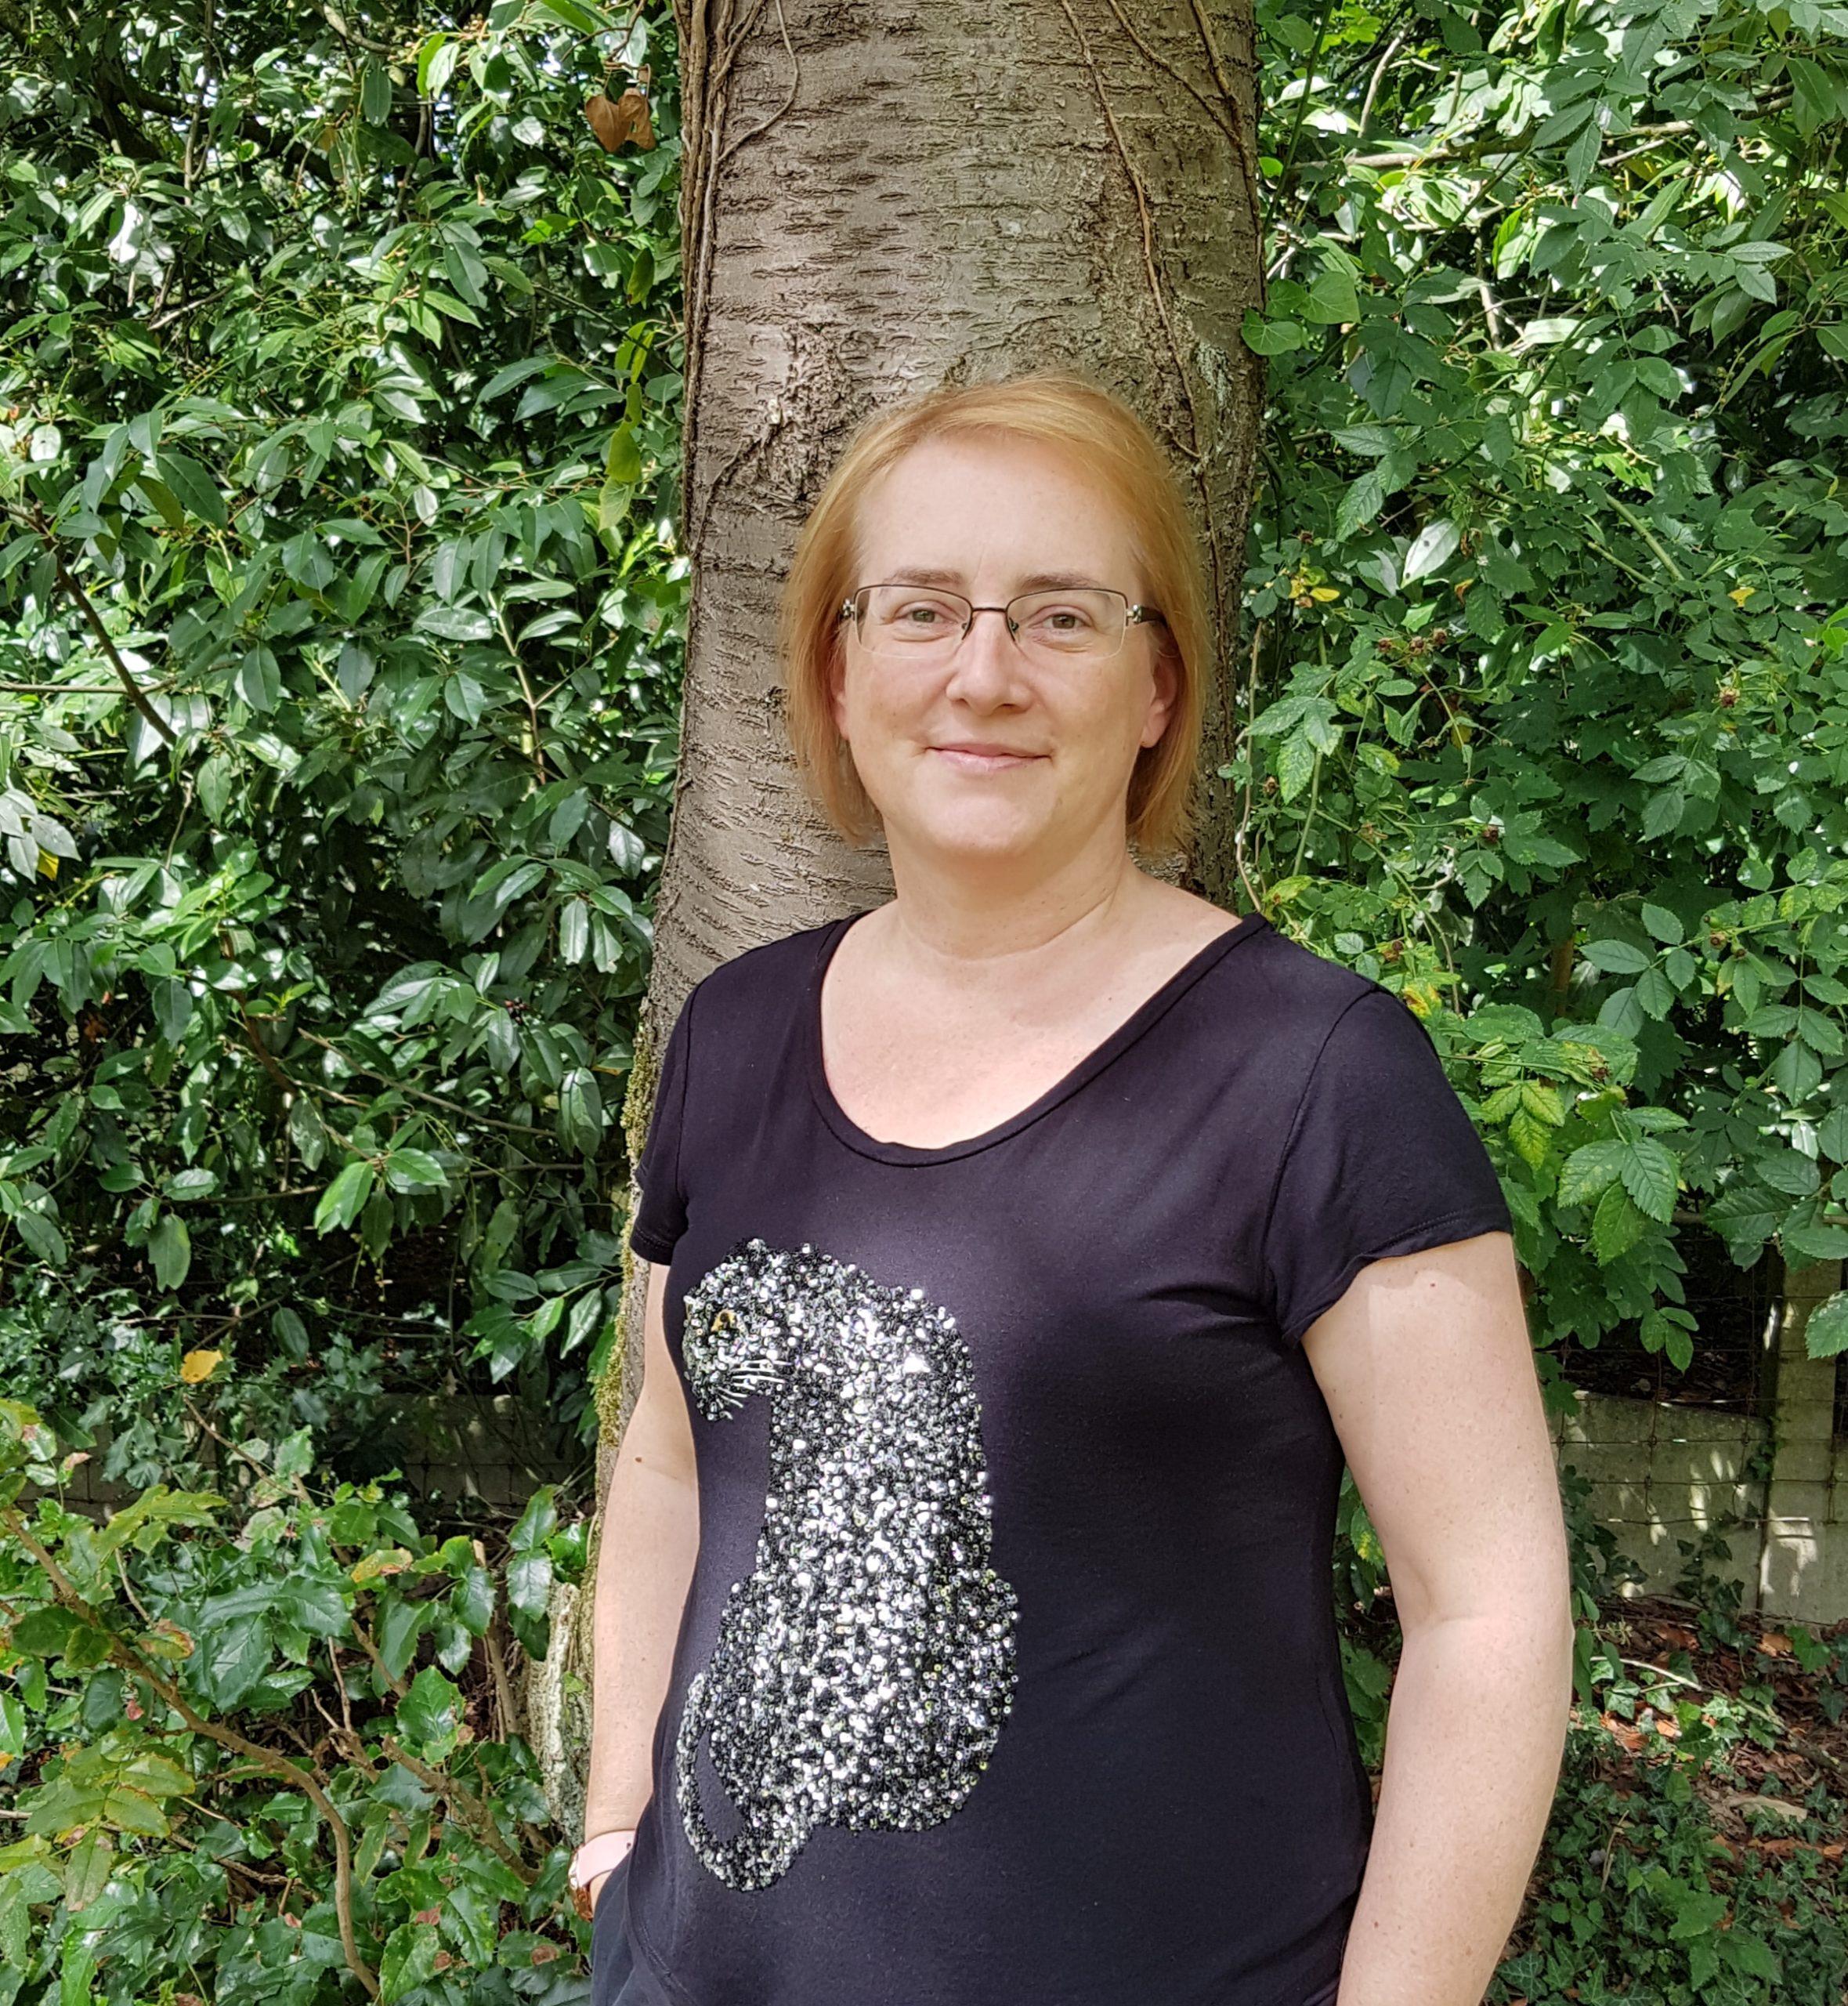 Fabienne Jalocha